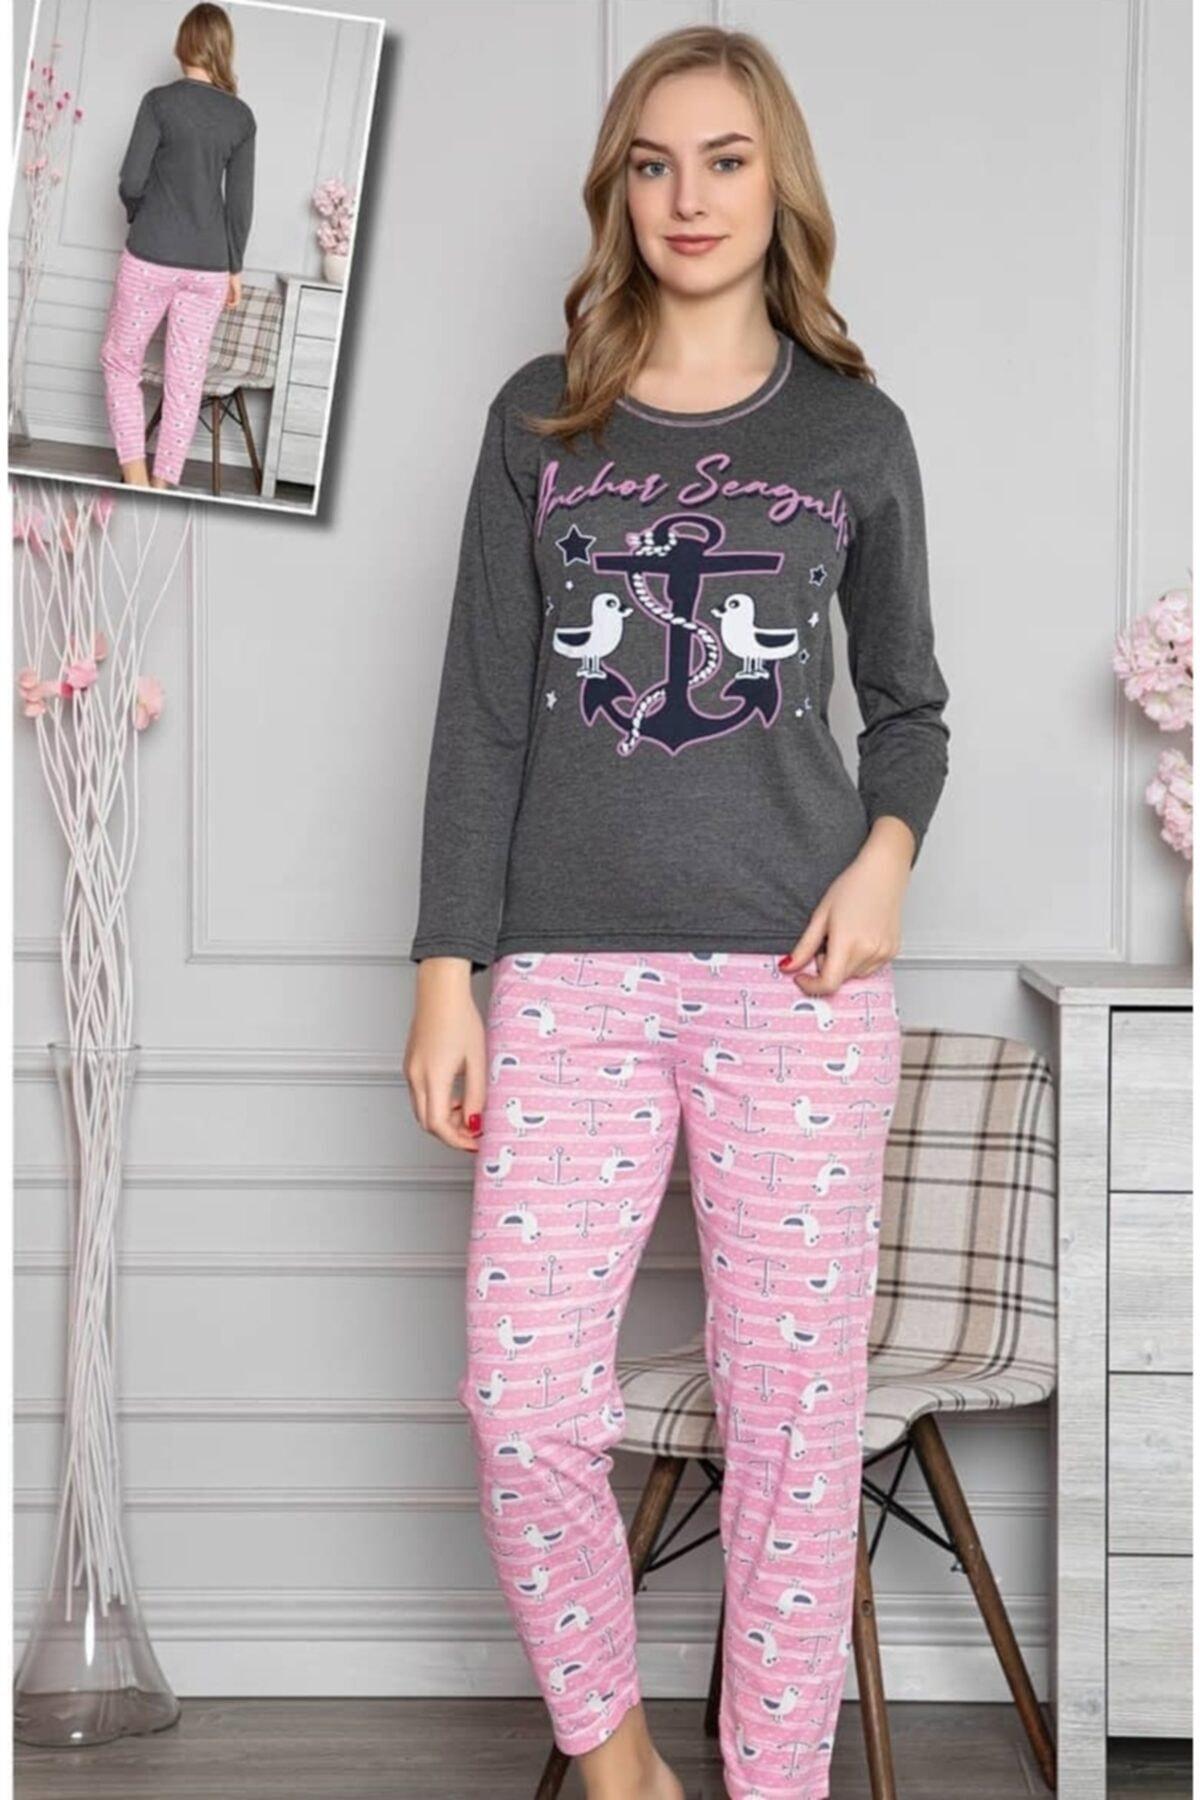 Rüyam Kadın Çapa Baskılı Uzun Kol Pijama Takım 2